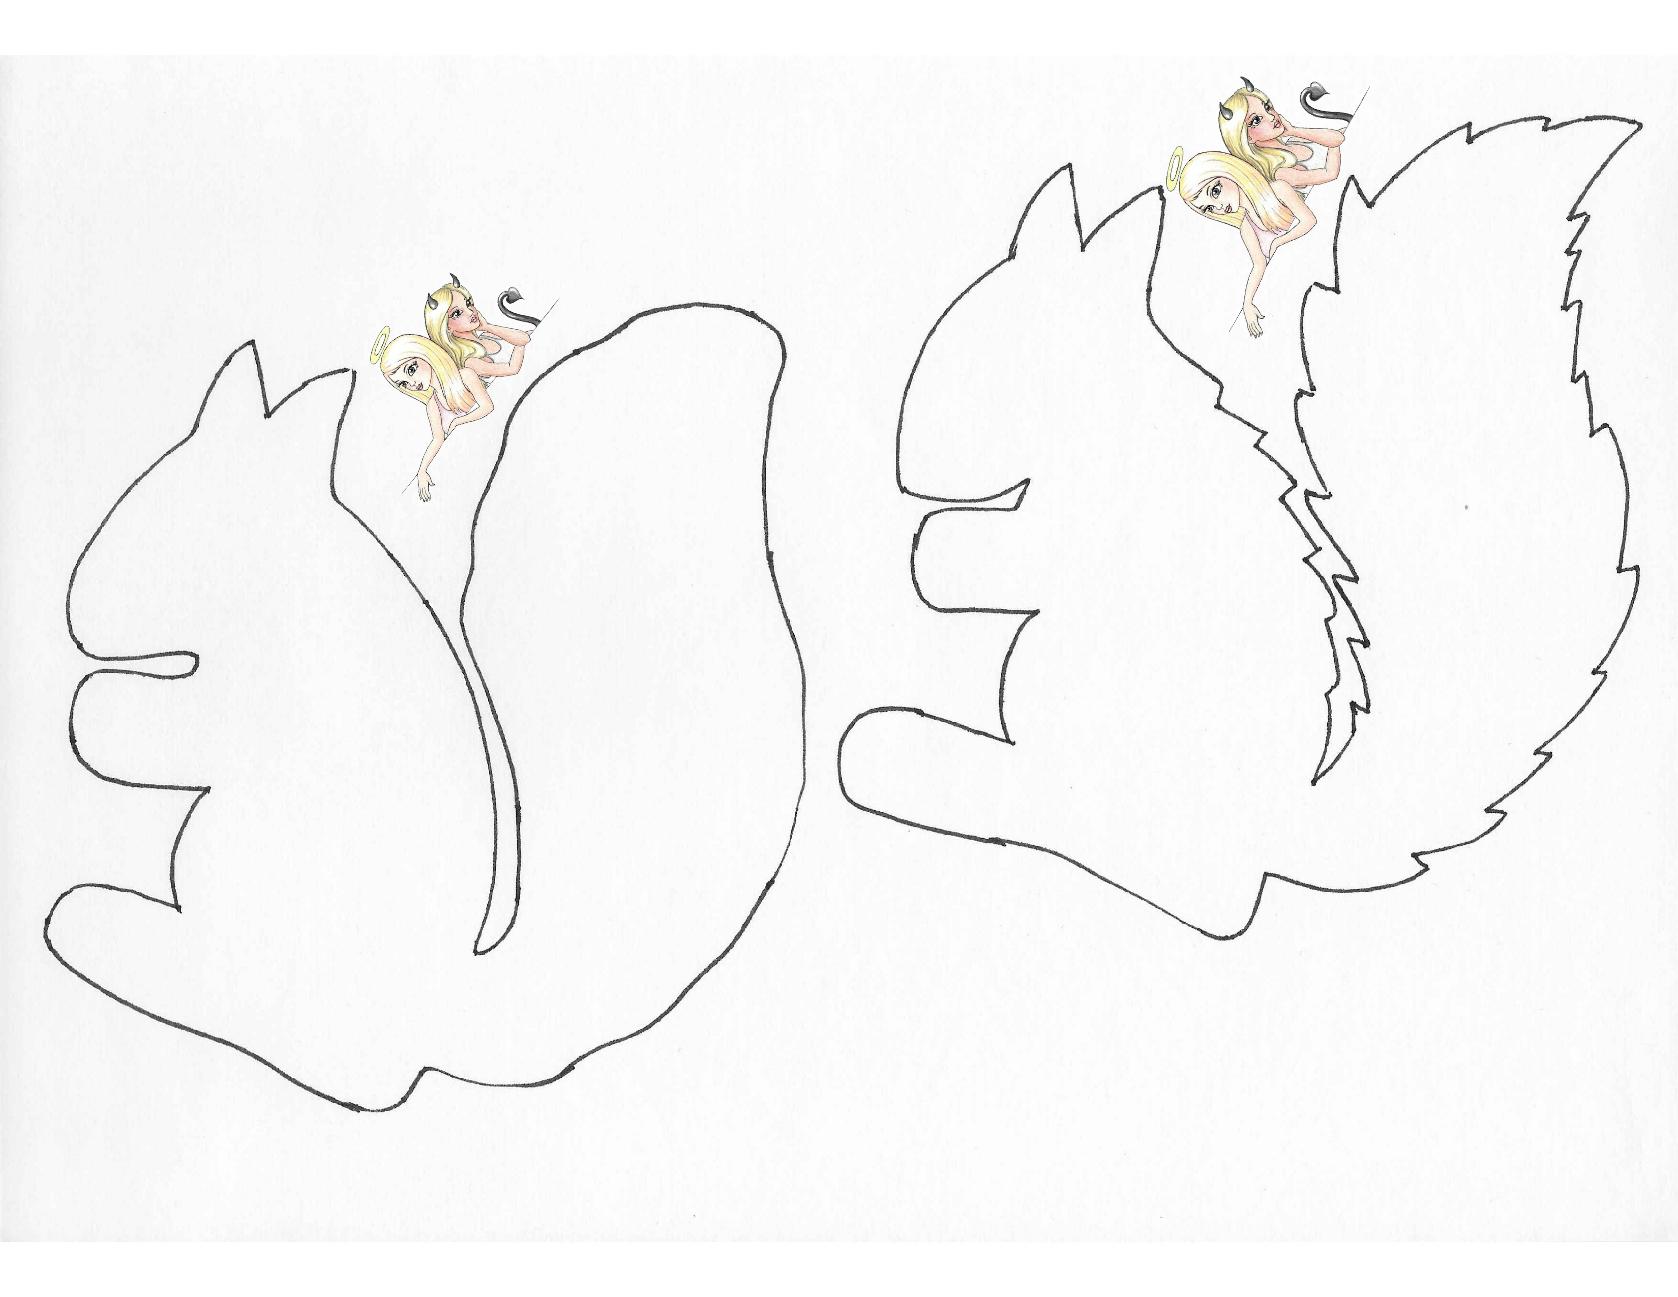 Herbst Basteln: Vorlage Eichhörnchen | Mamaz bei Eichhörnchen Bastelvorlage